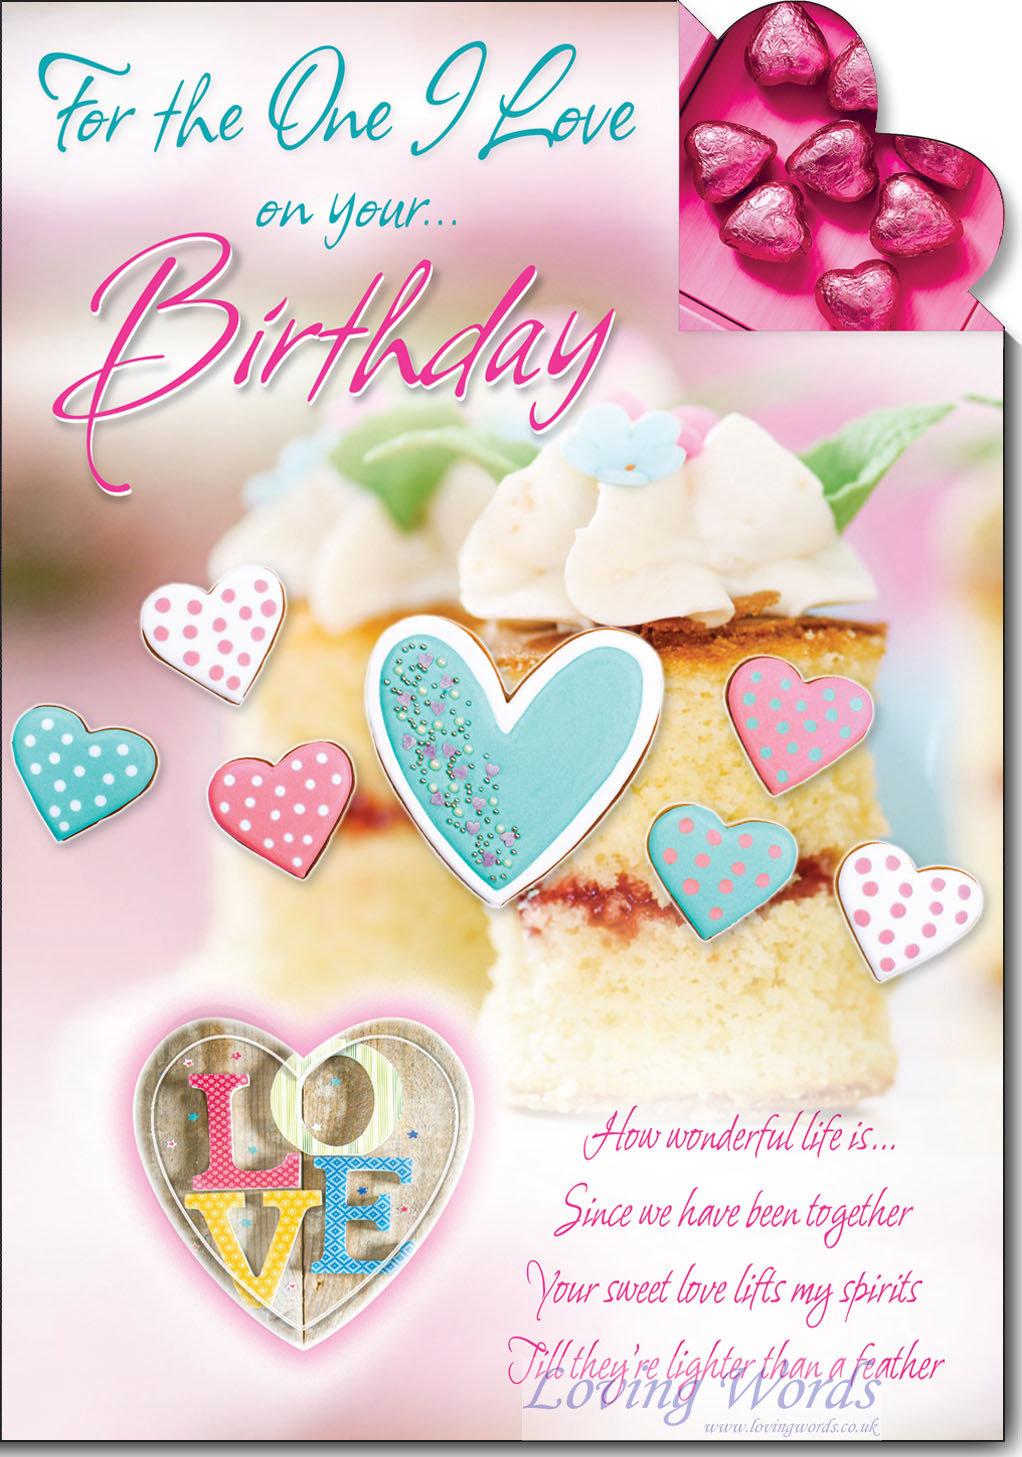 One I Love Birthday